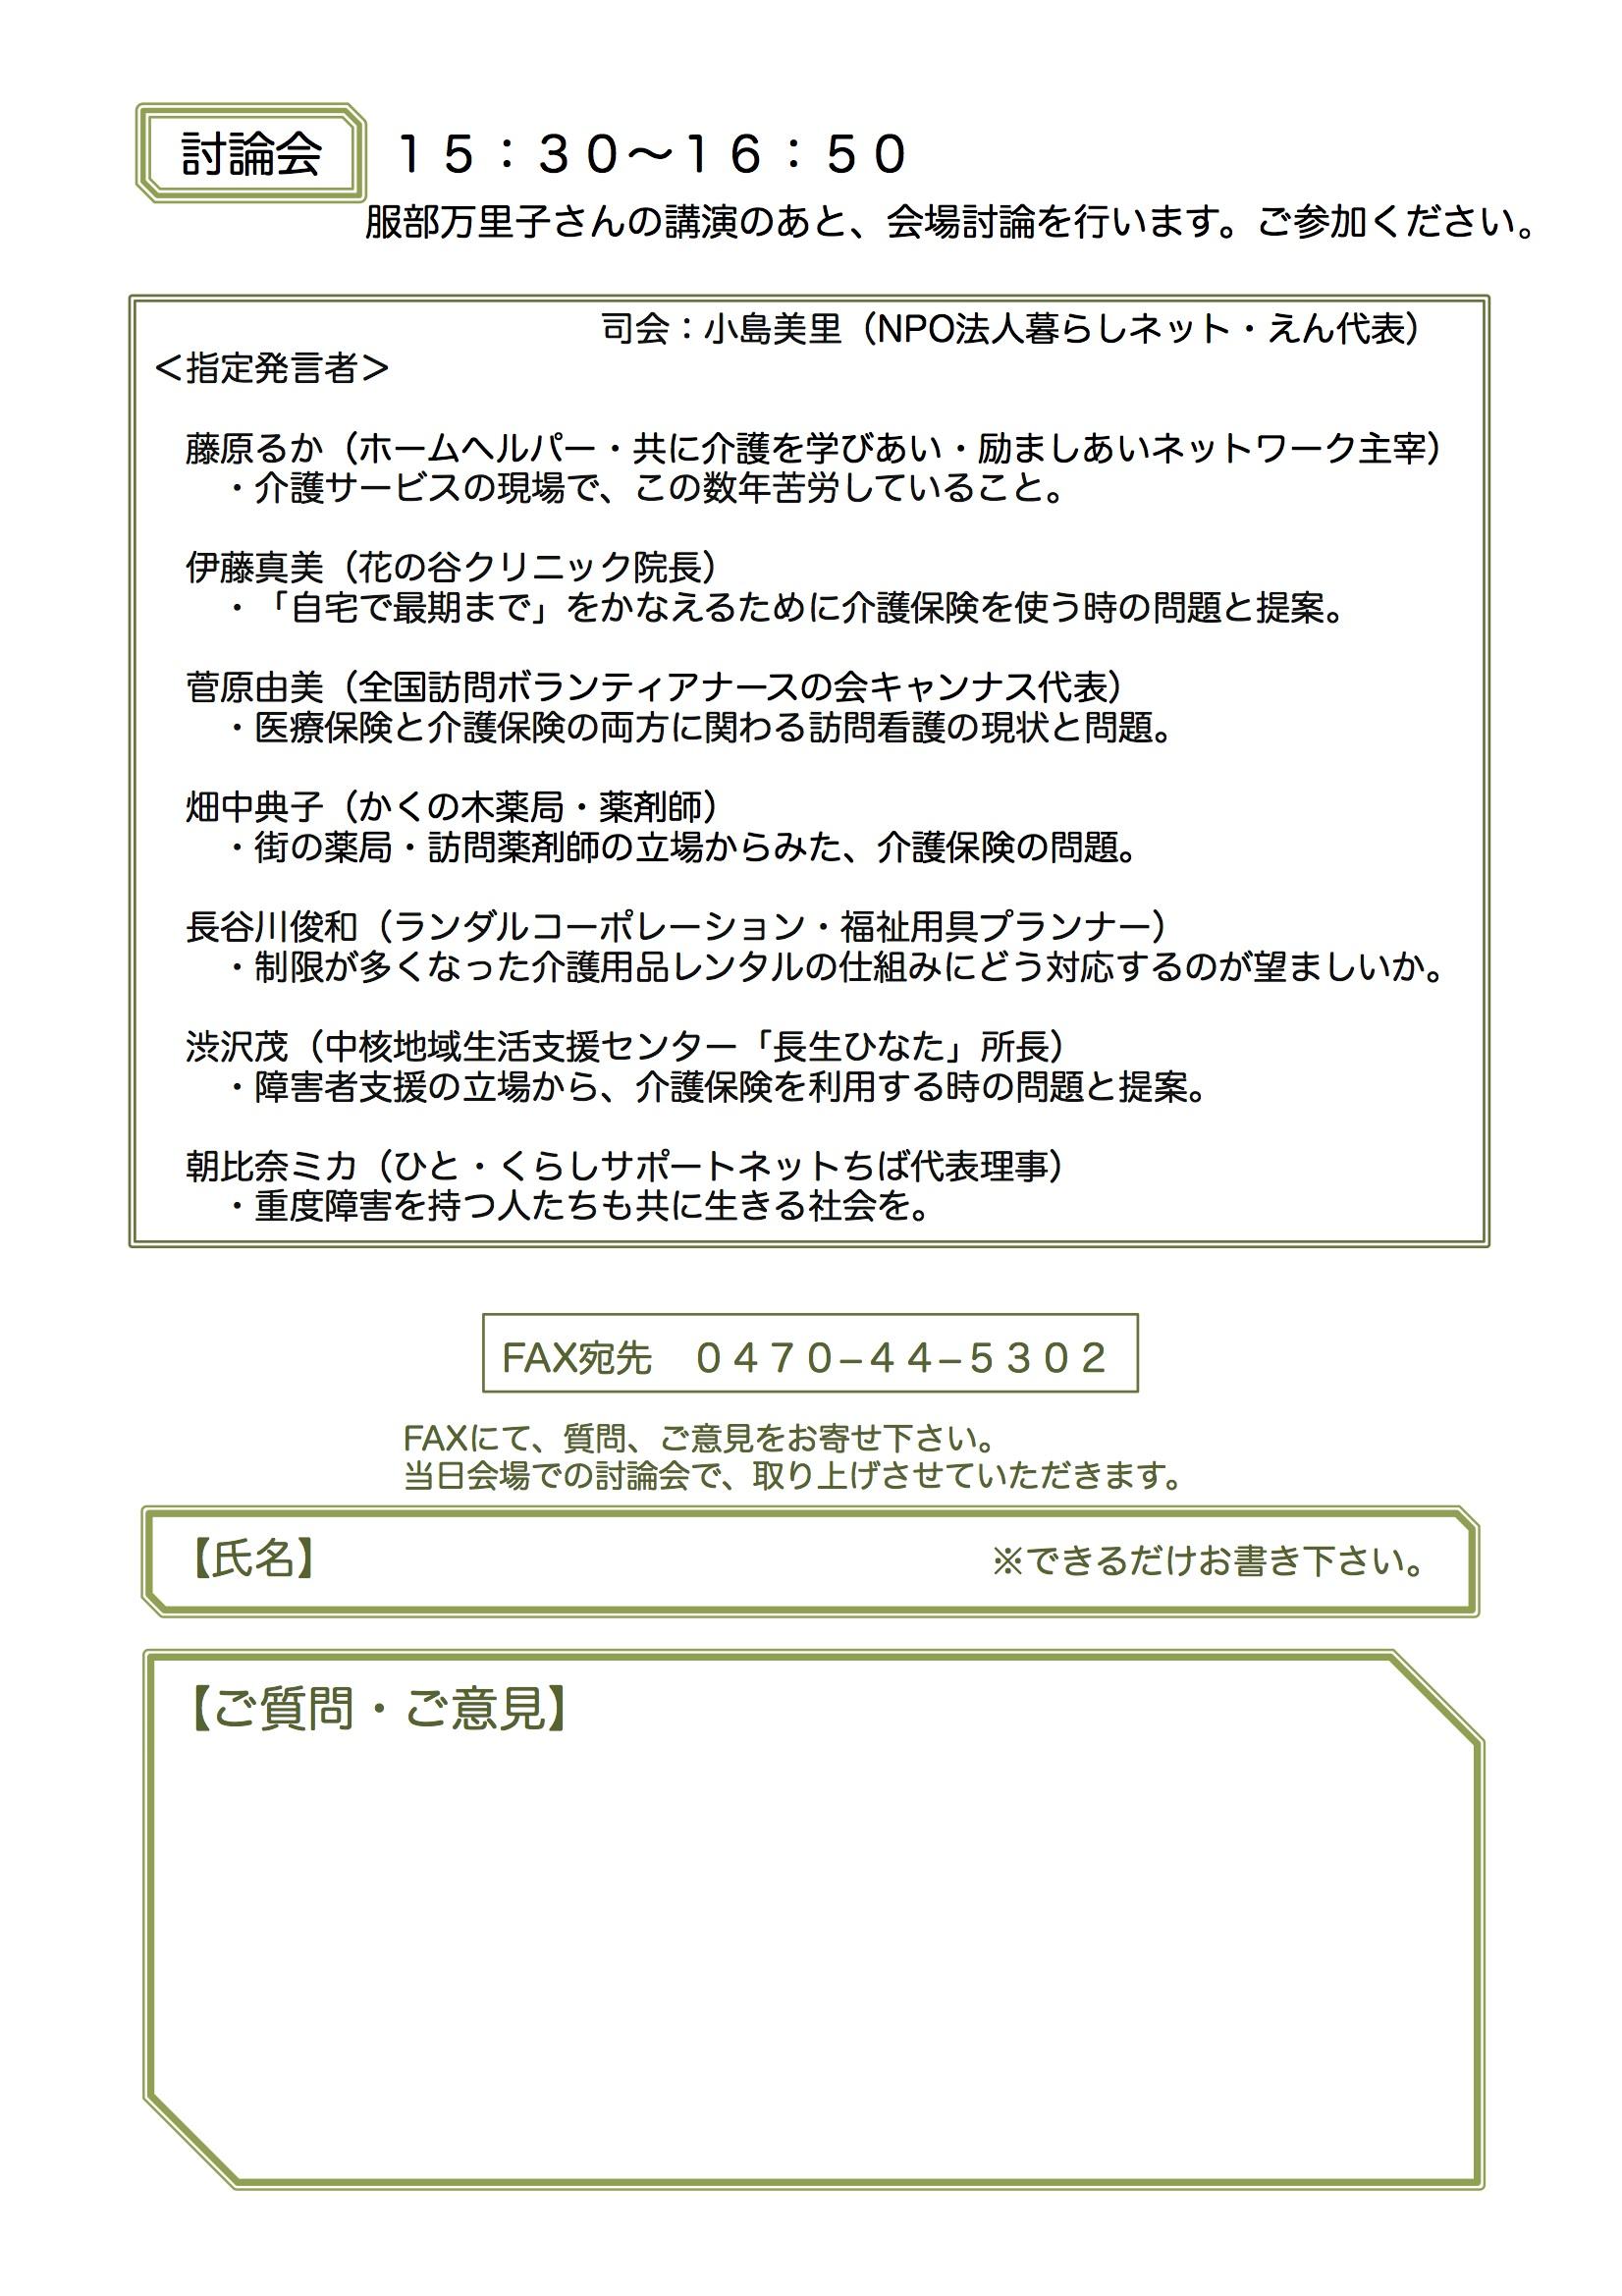 9.17介護保険の行方チラシ(裏)